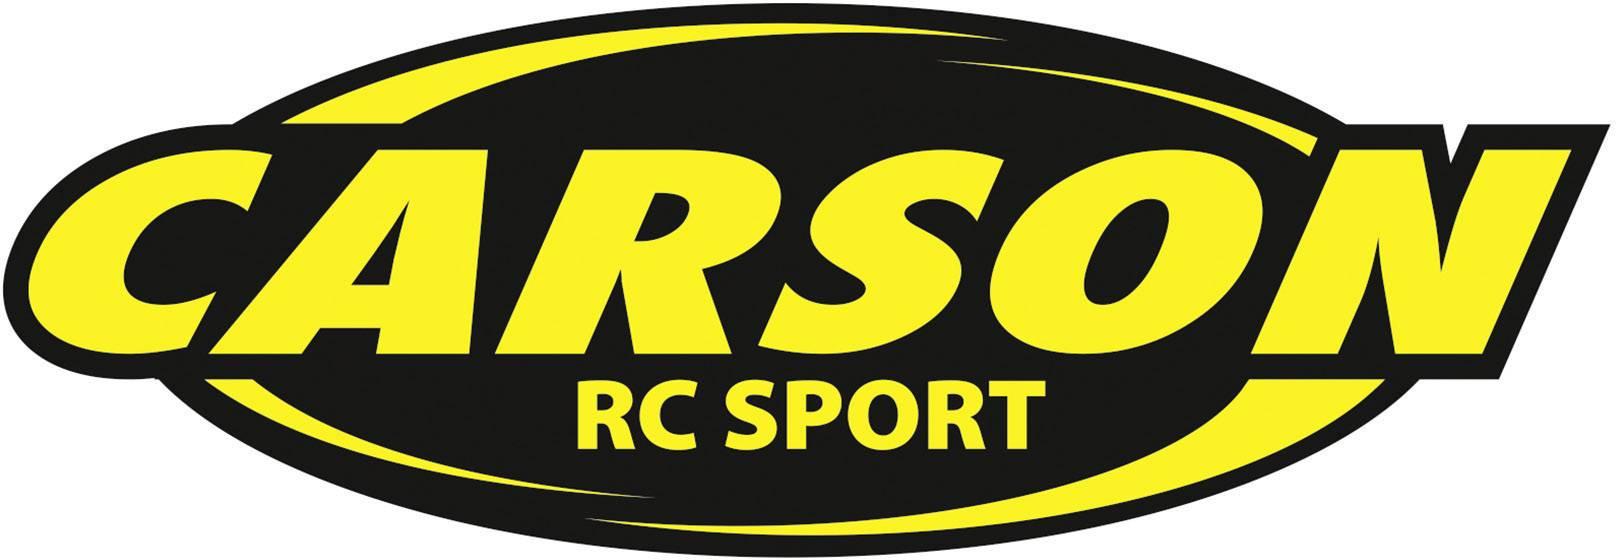 Carson RC Sport